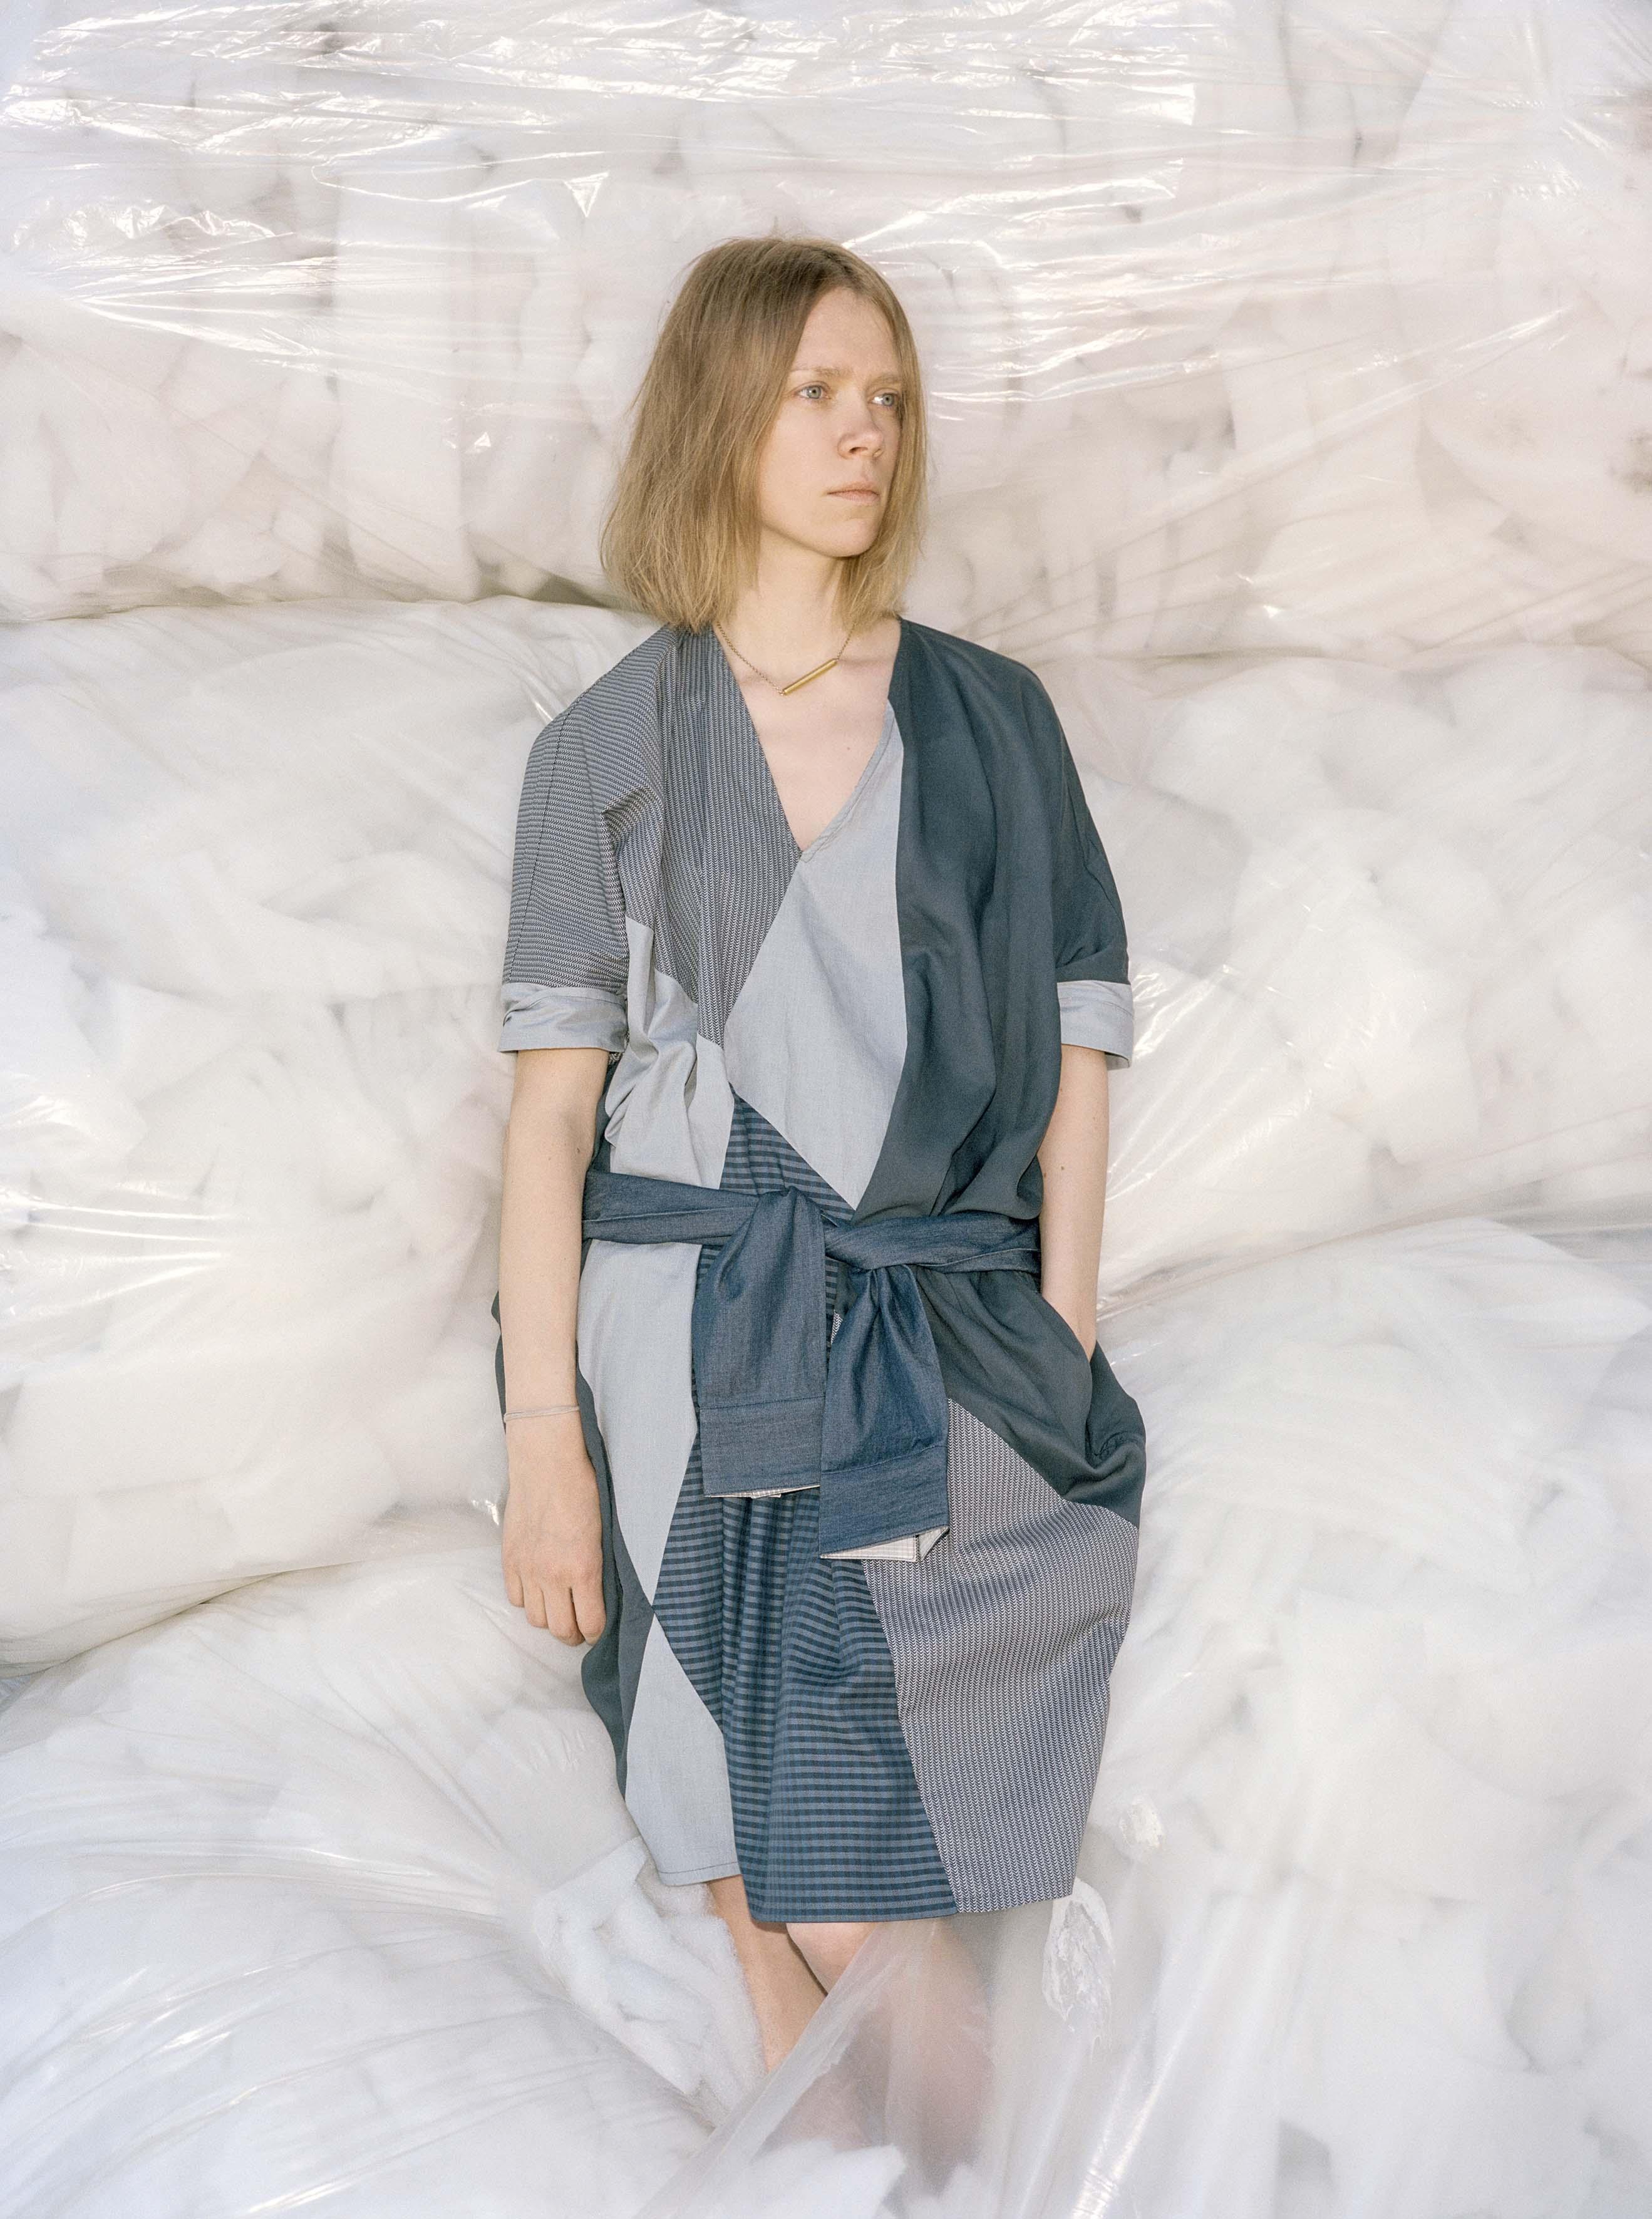 Reet Aus rõivatööstuse jääkidest disainitud kleidis. Foto: Dmitri Gerasimov